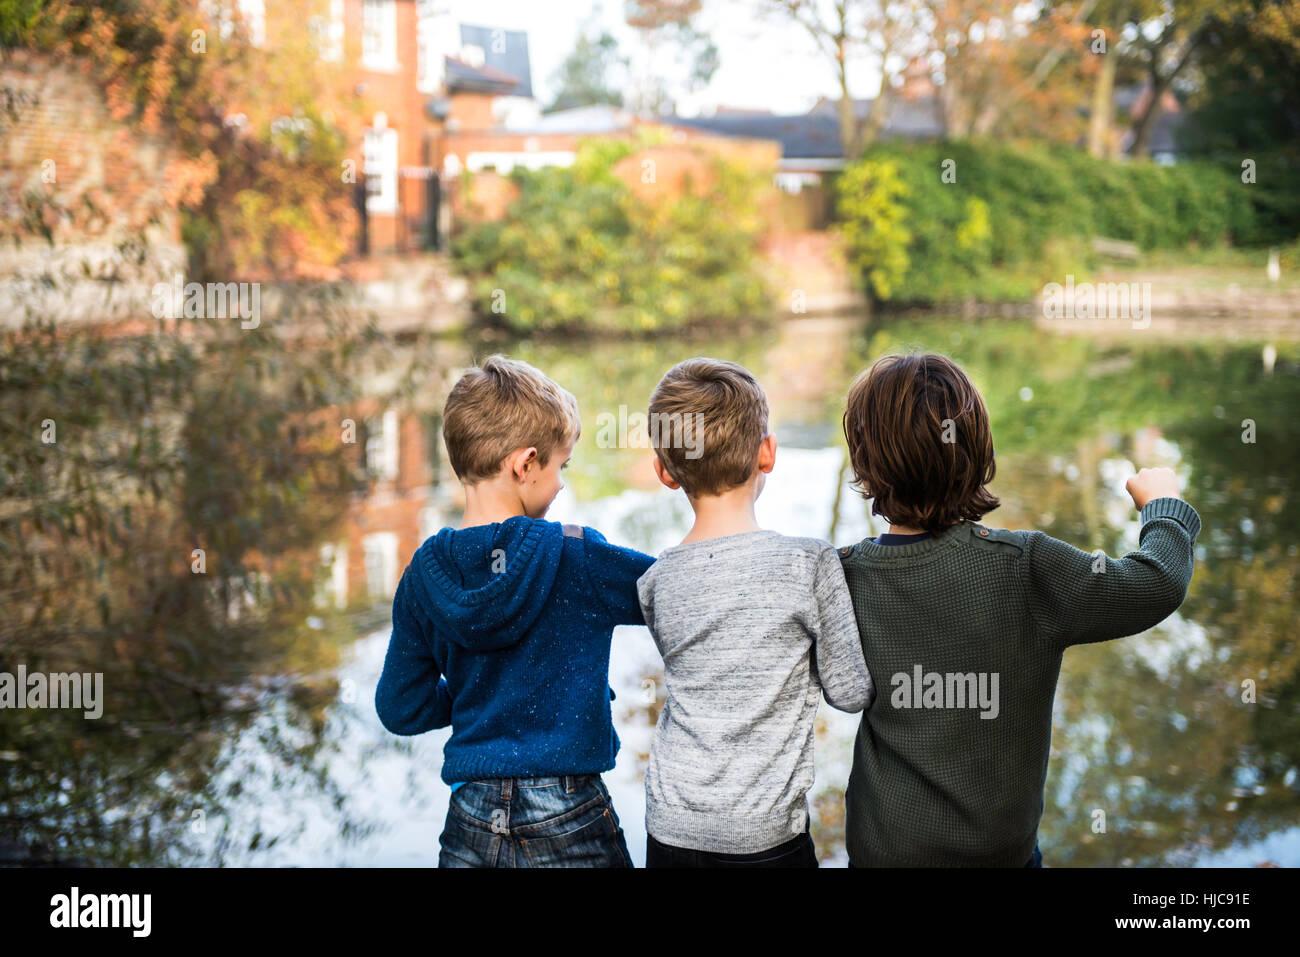 Tres jóvenes, de pie al lado del lago, vista trasera Imagen De Stock